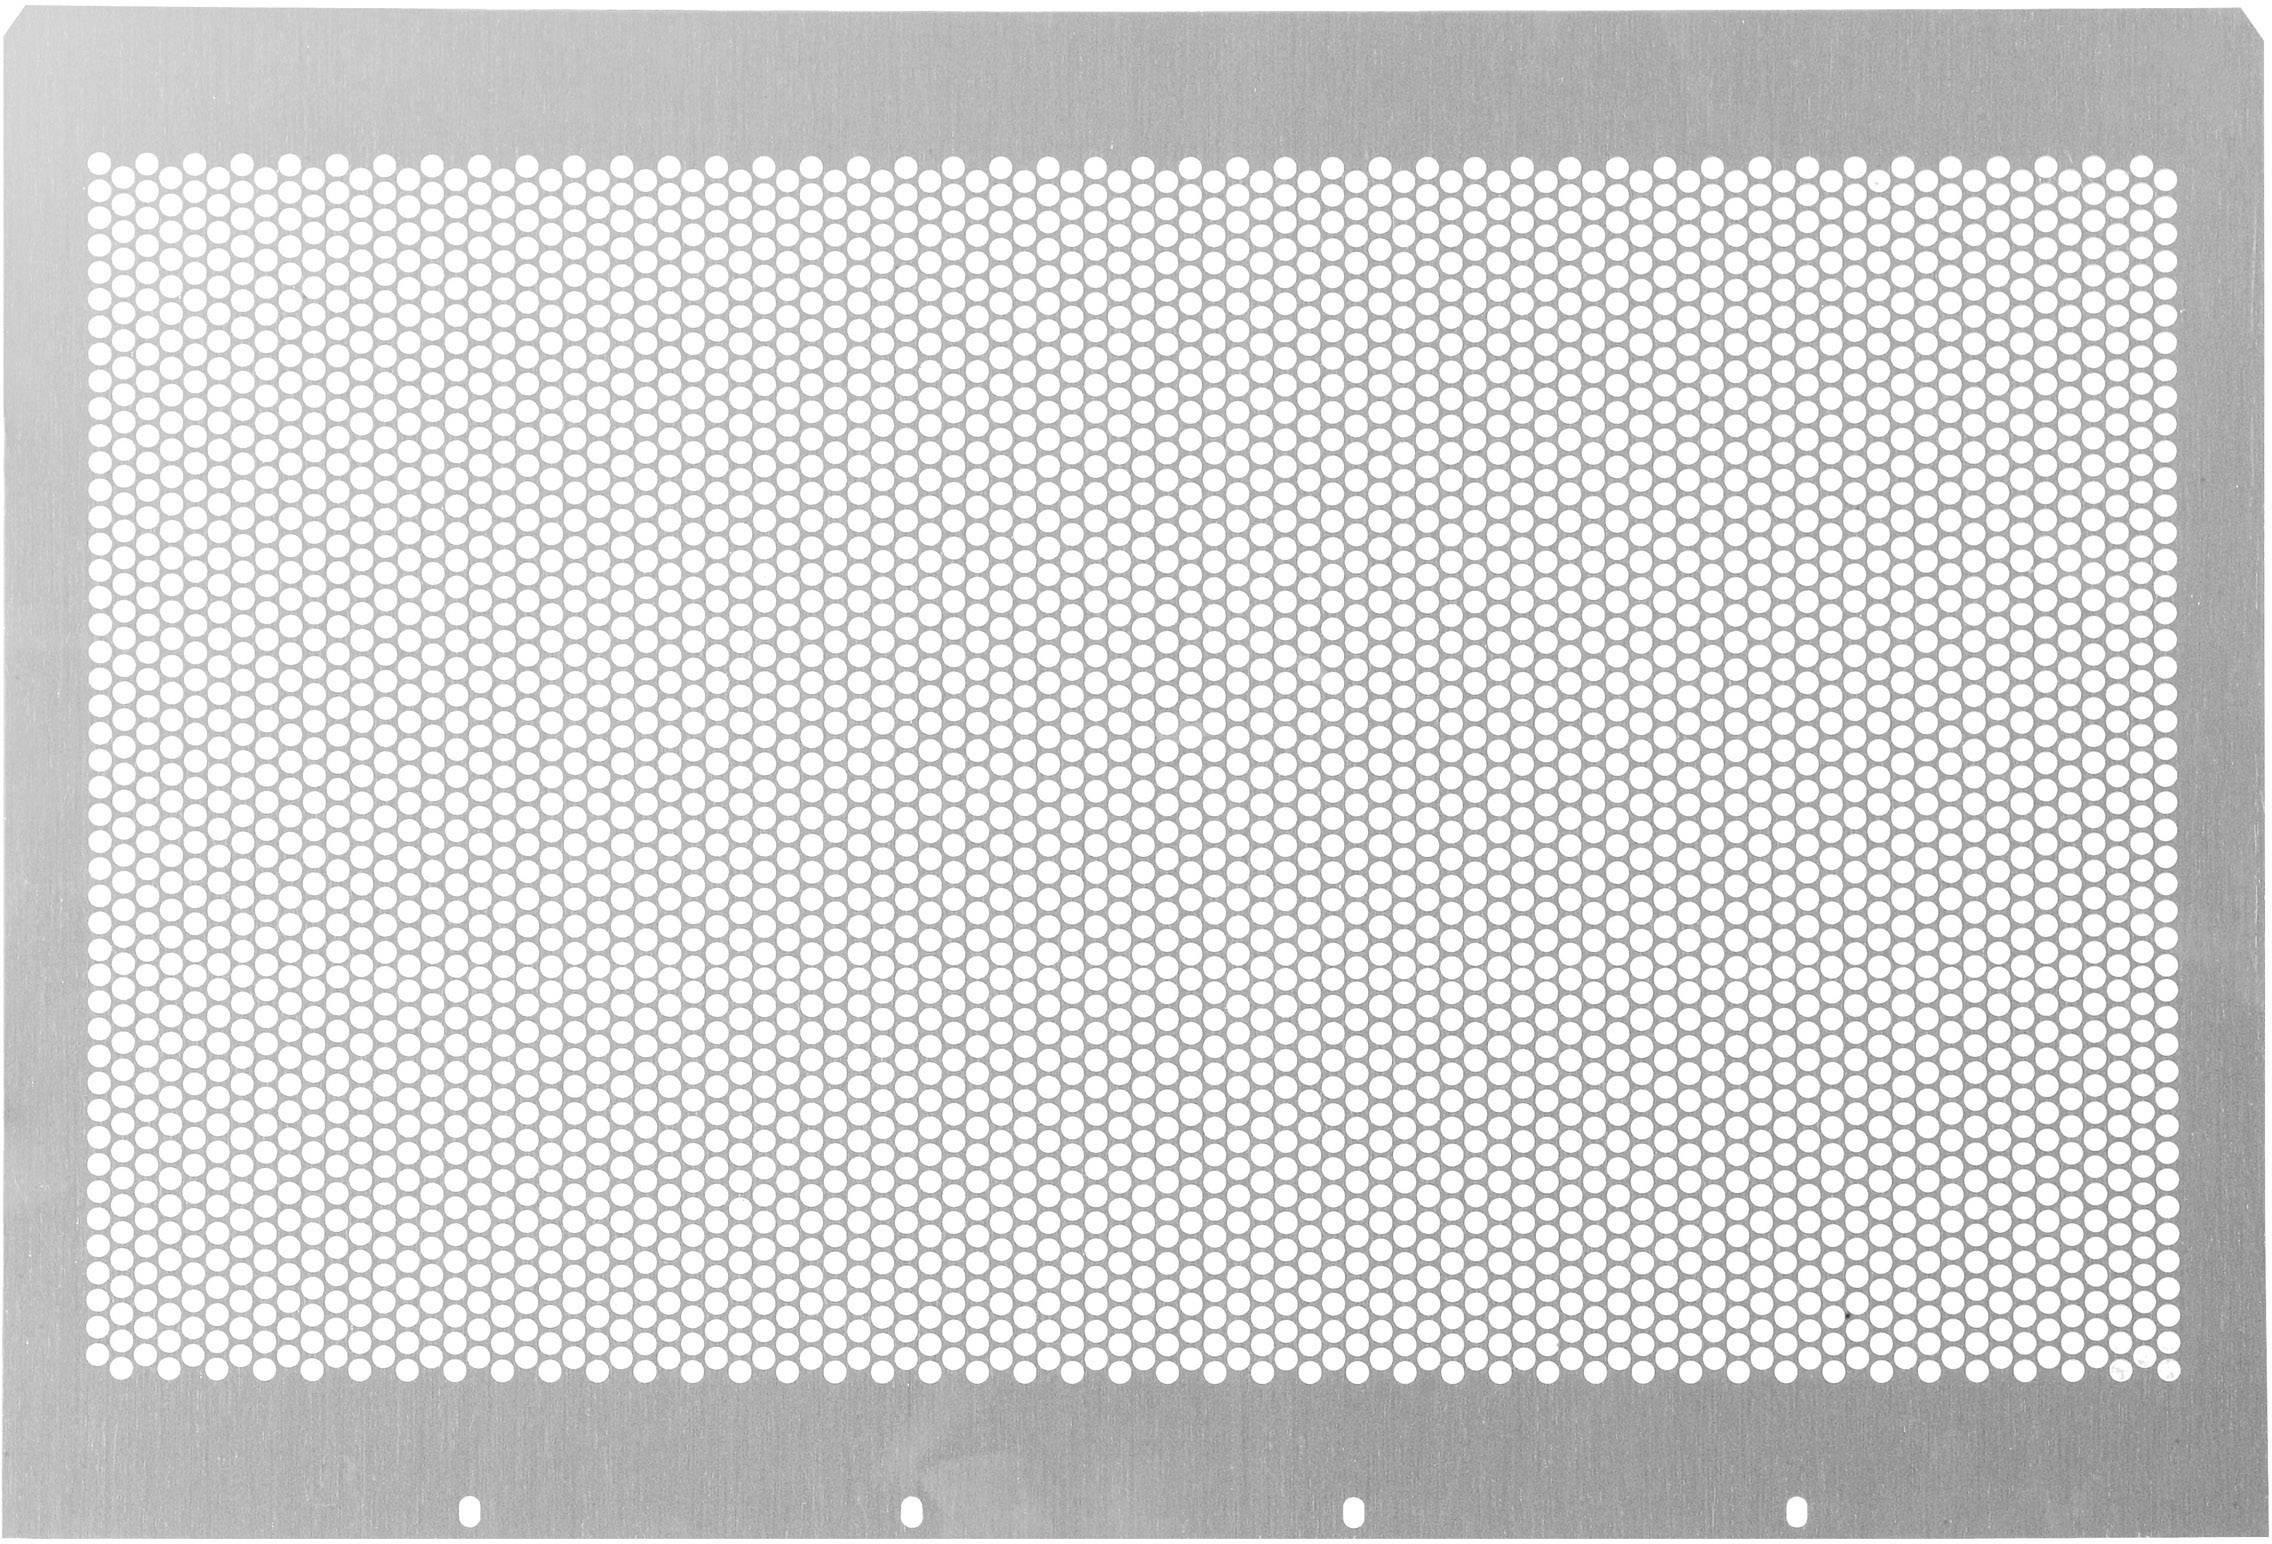 Krycí plech Schroff multipacPRO 30860-511, (š x v x h) 412 x 1 x 280 mm, 1 ks